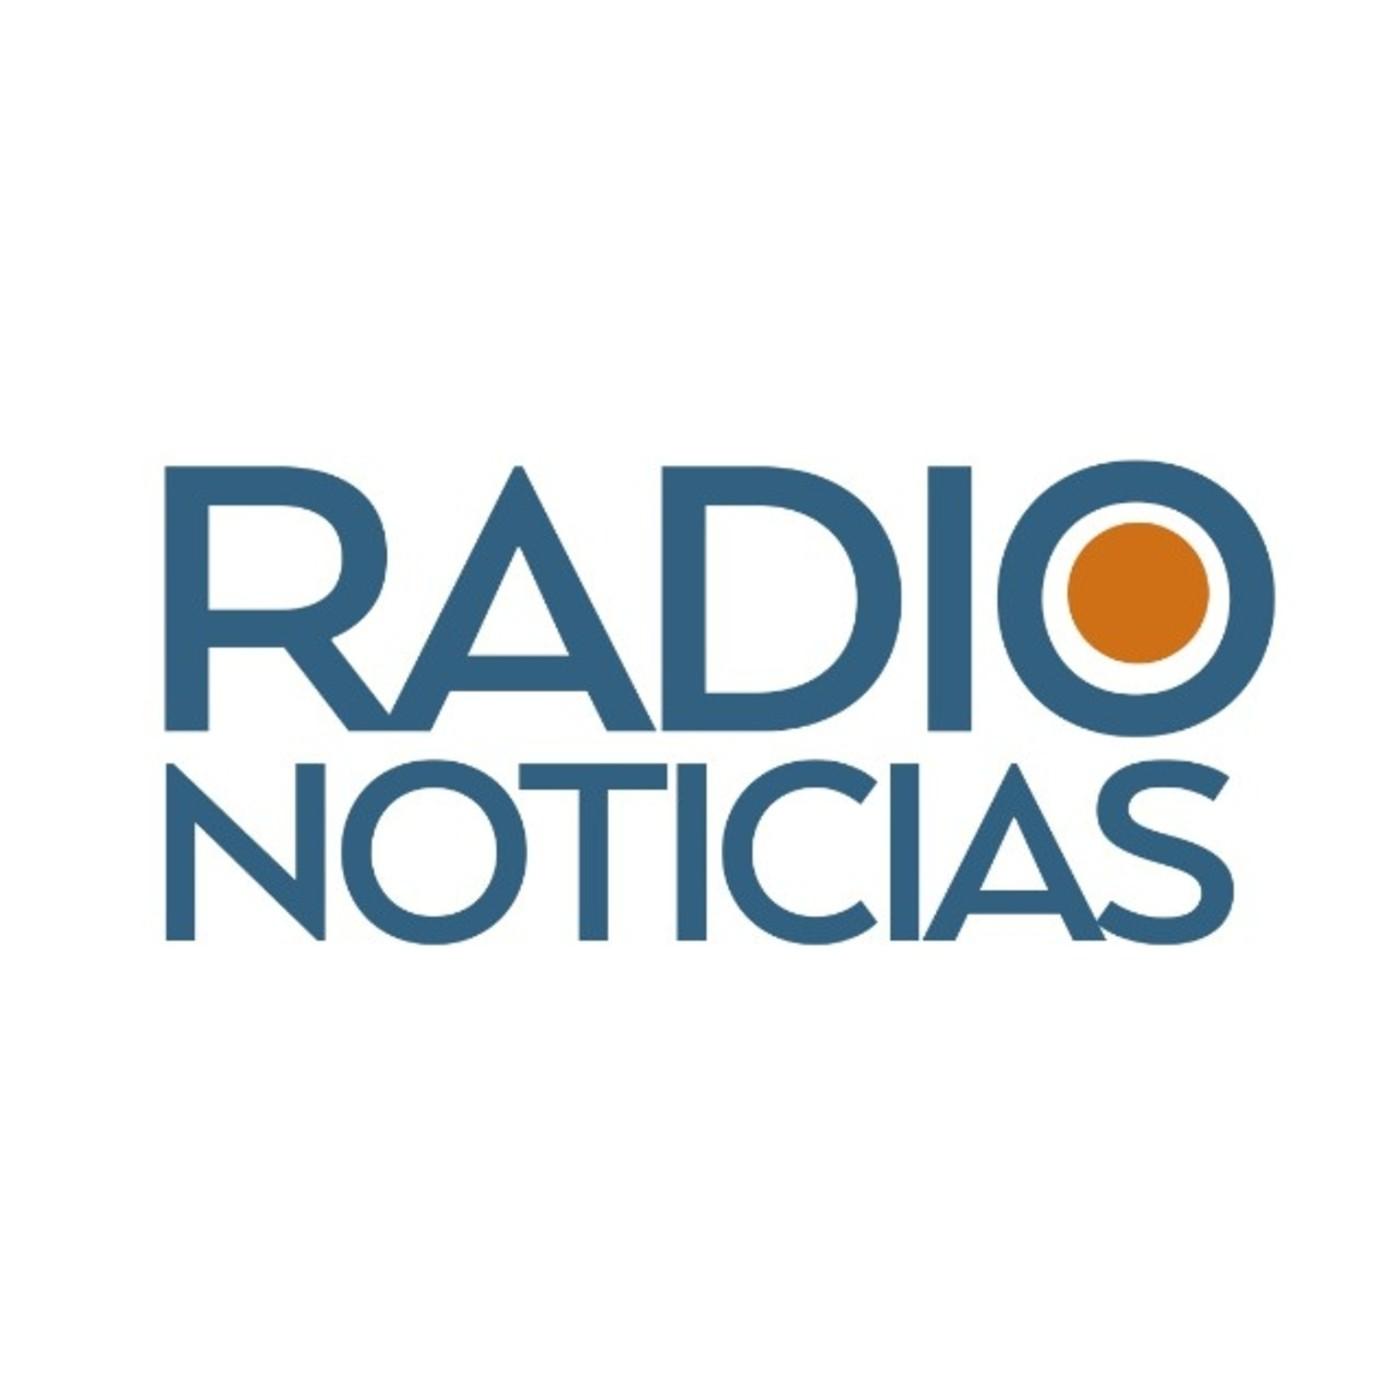 Radio Noticias WE: Programa 17 de Abril 2019 en WE RADIO en mp3(17 ...